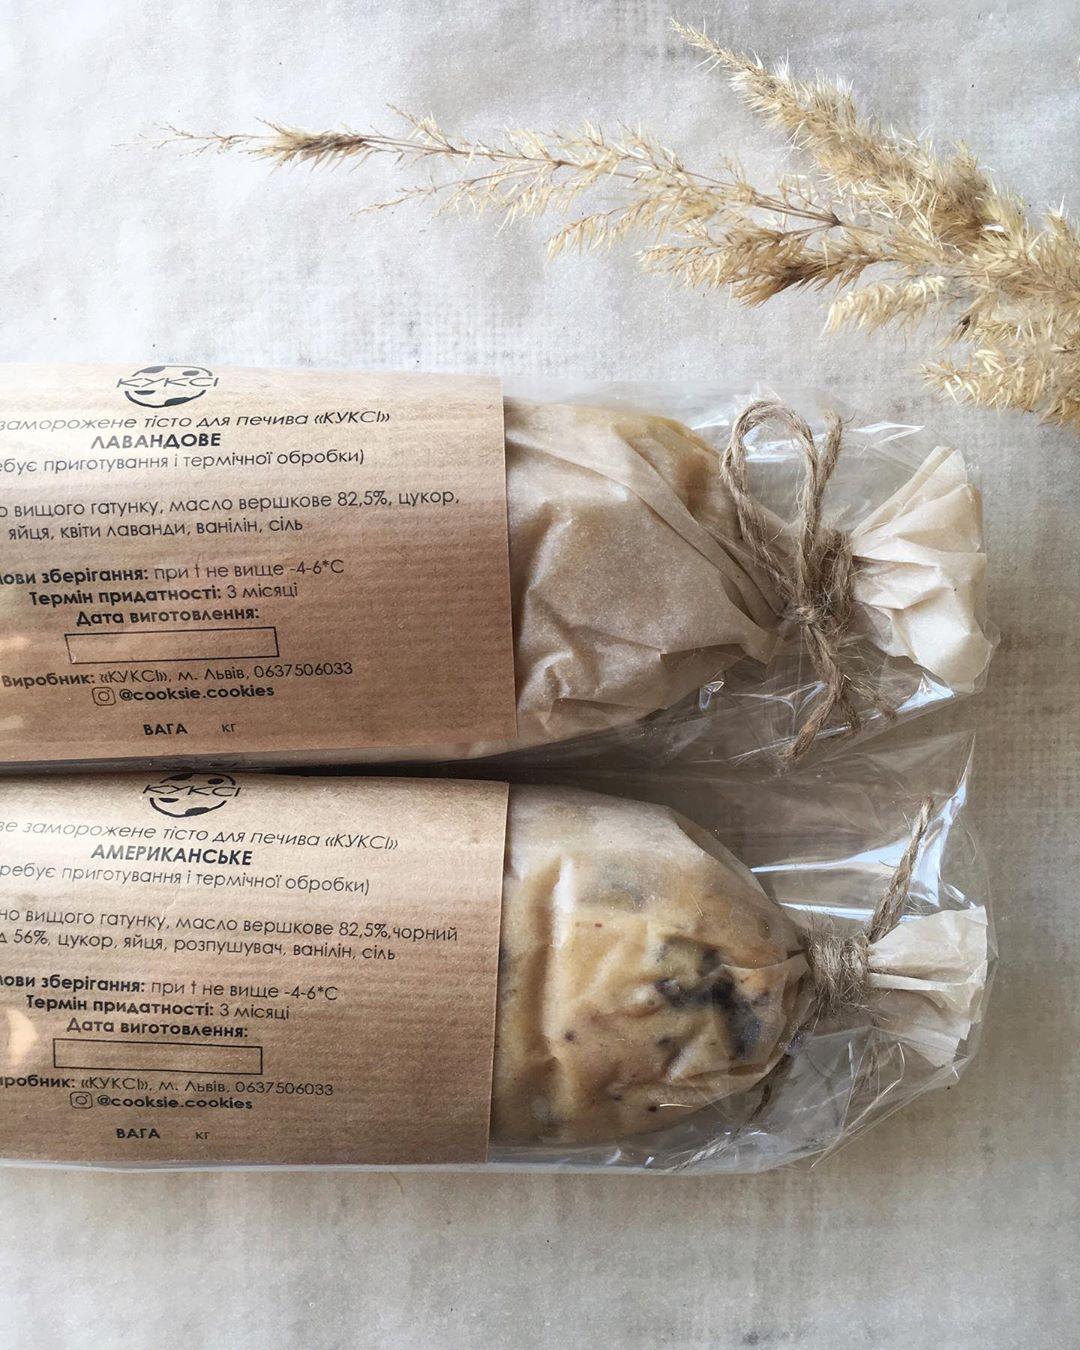 Лавандове й Американське і зі своєї печі: франківка й львів'янка створили альтернативу магазинному печиву (ФОТО)